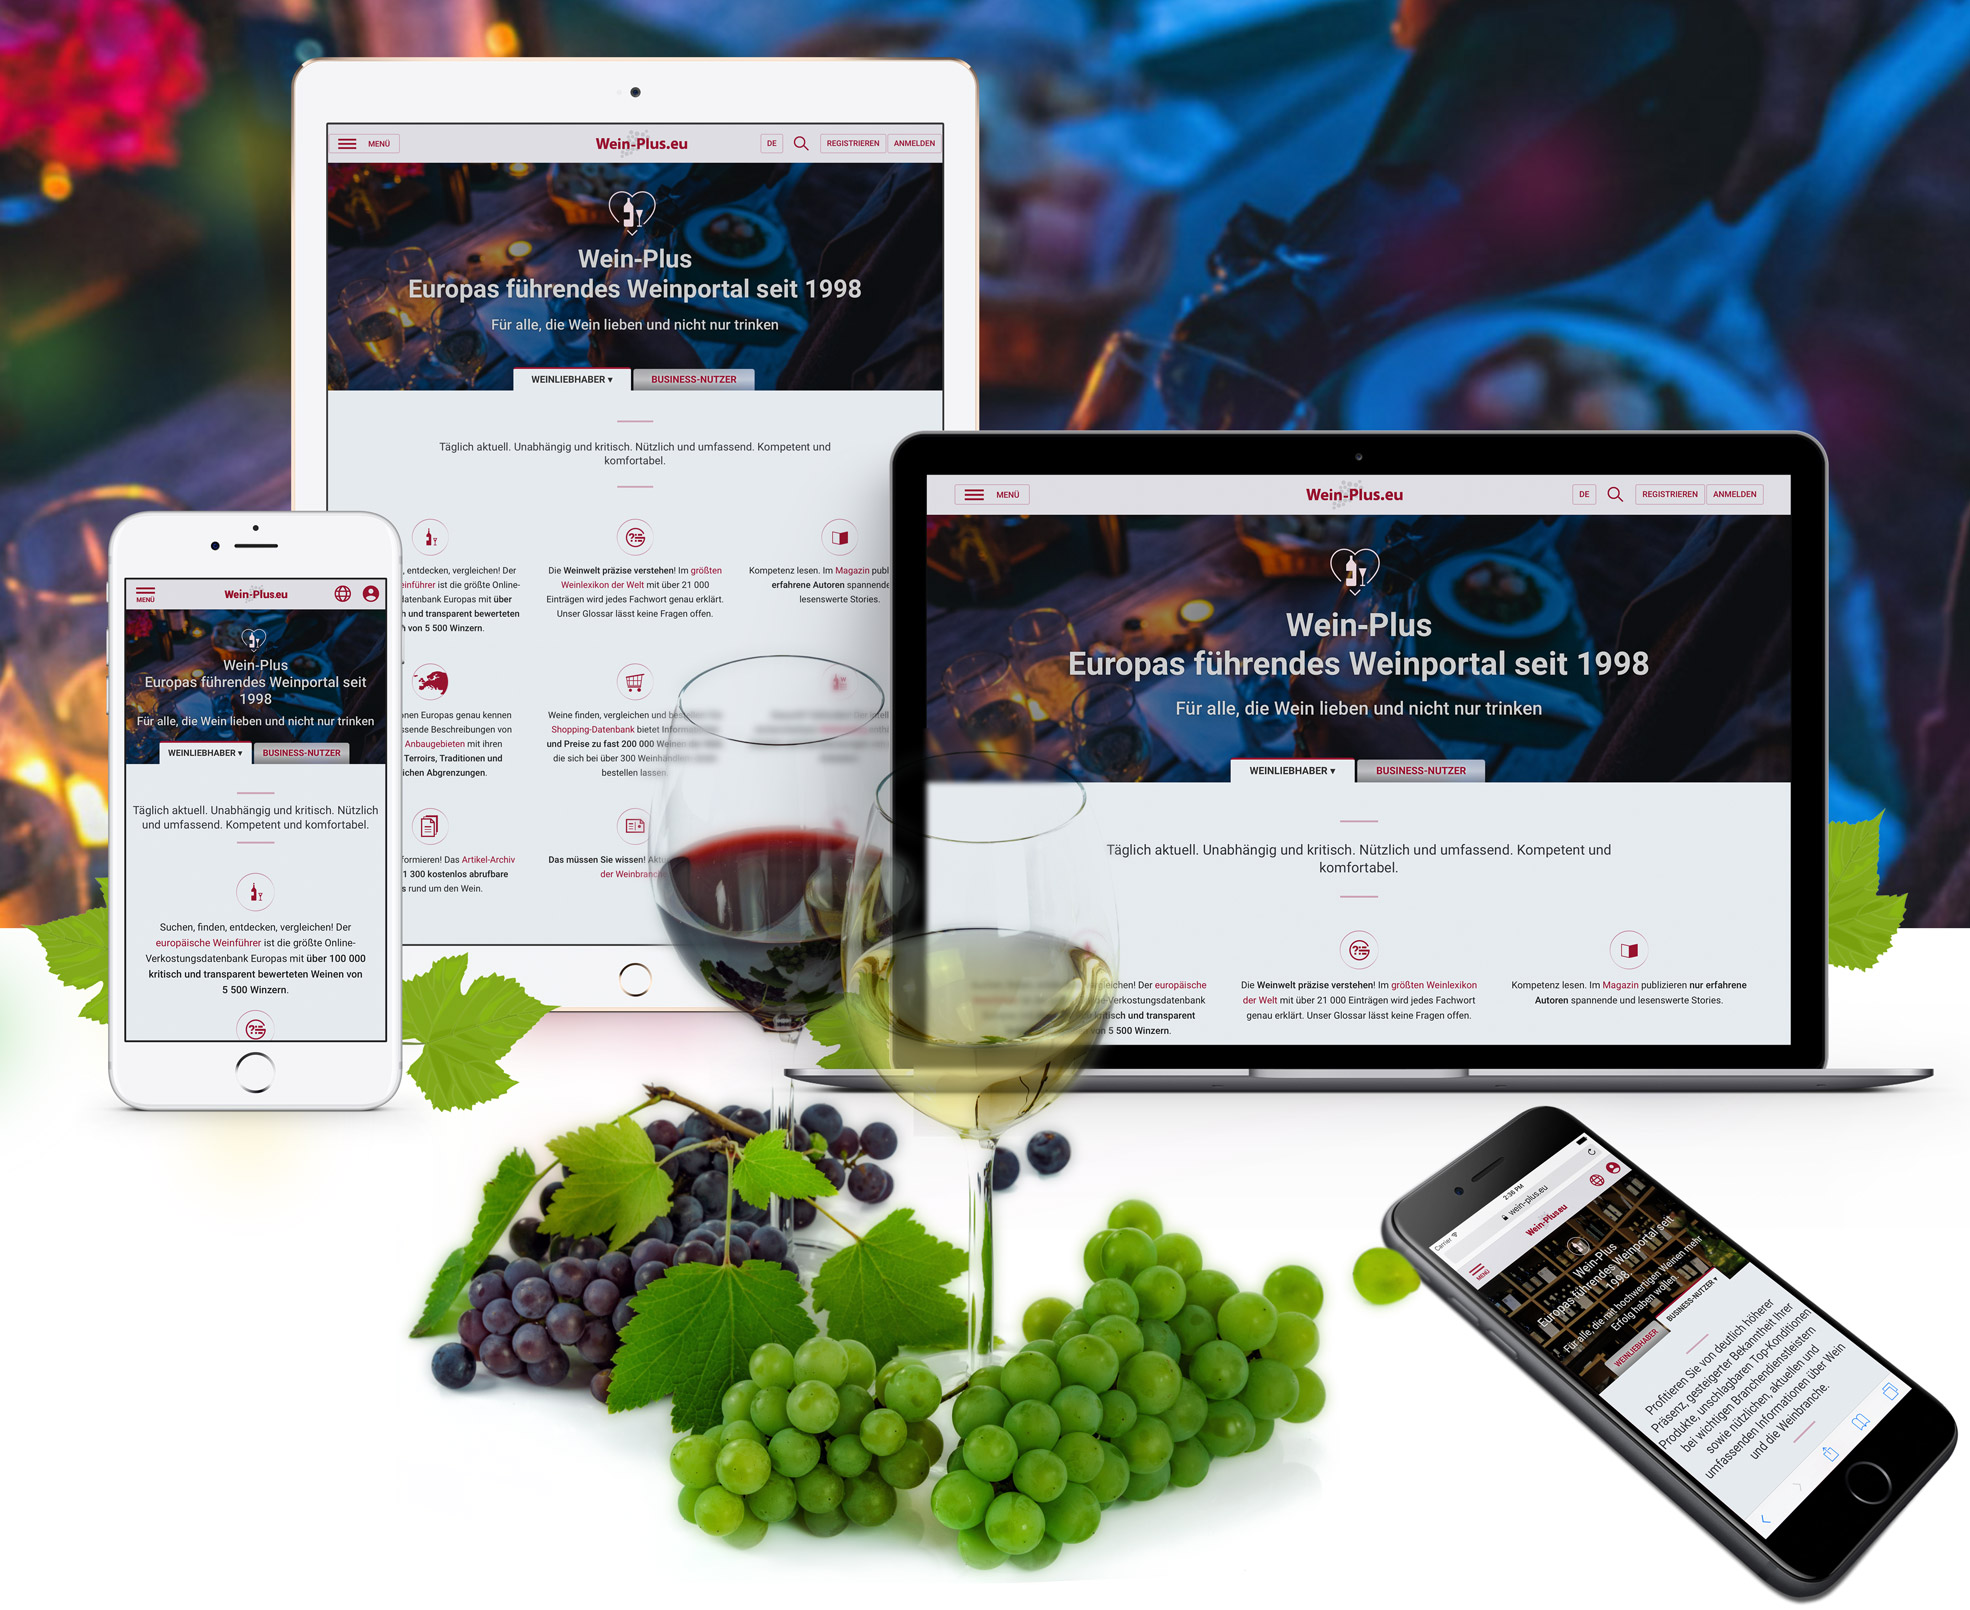 Il nuovo sito Wein-Plus.eu online